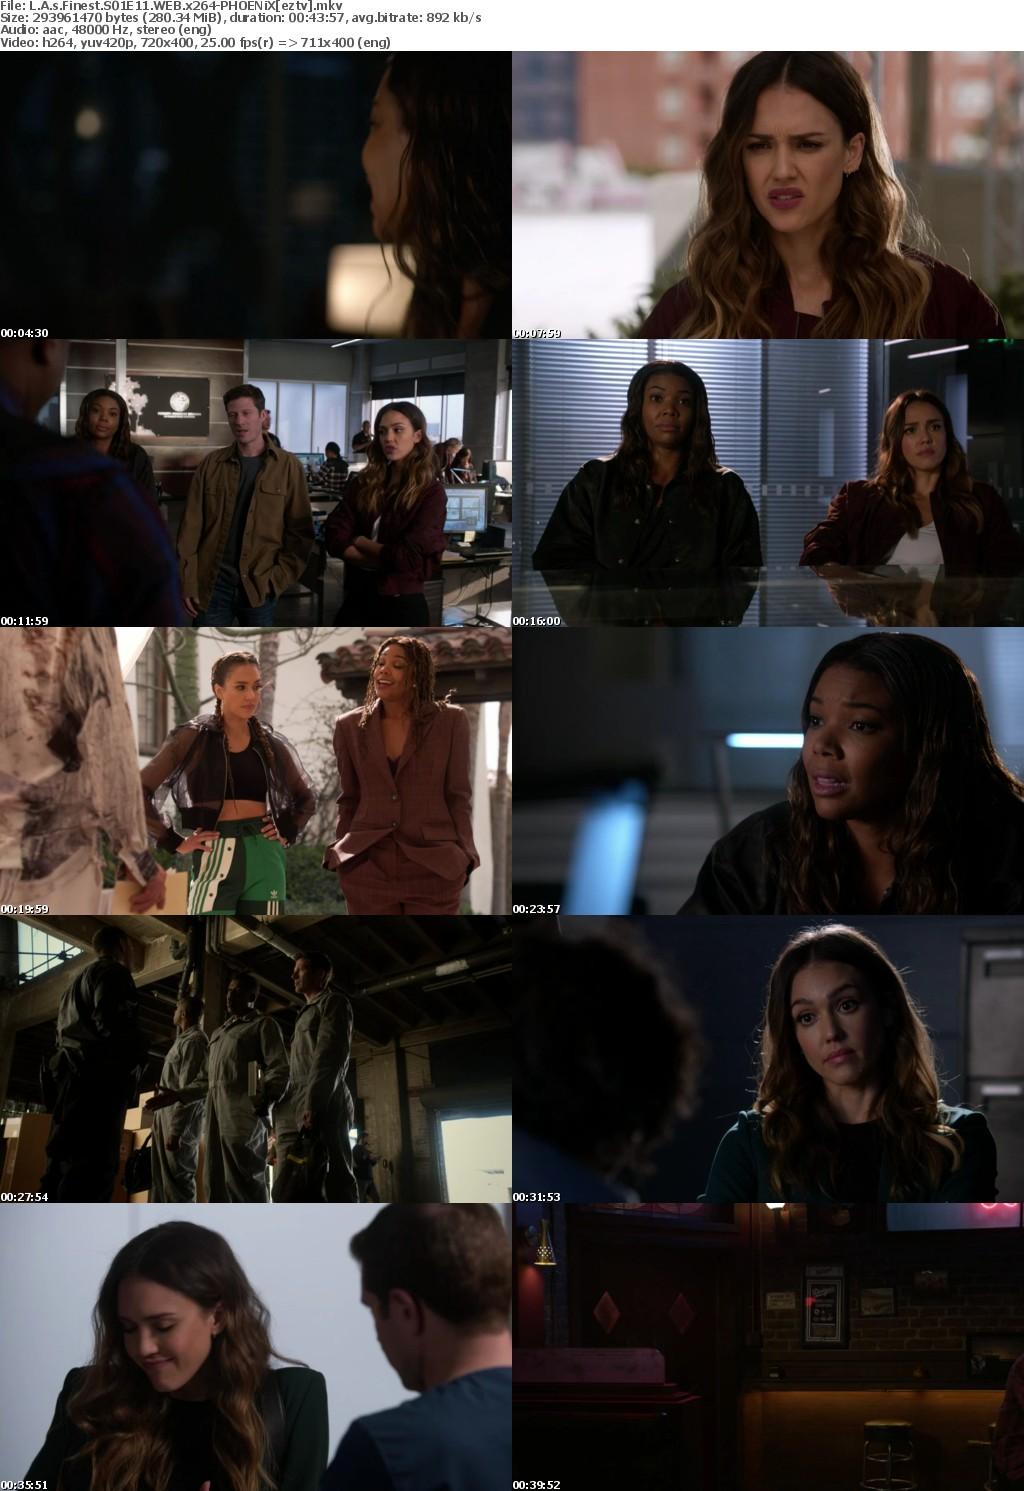 L A s Finest S01E11 WEB x264-PHOENiX